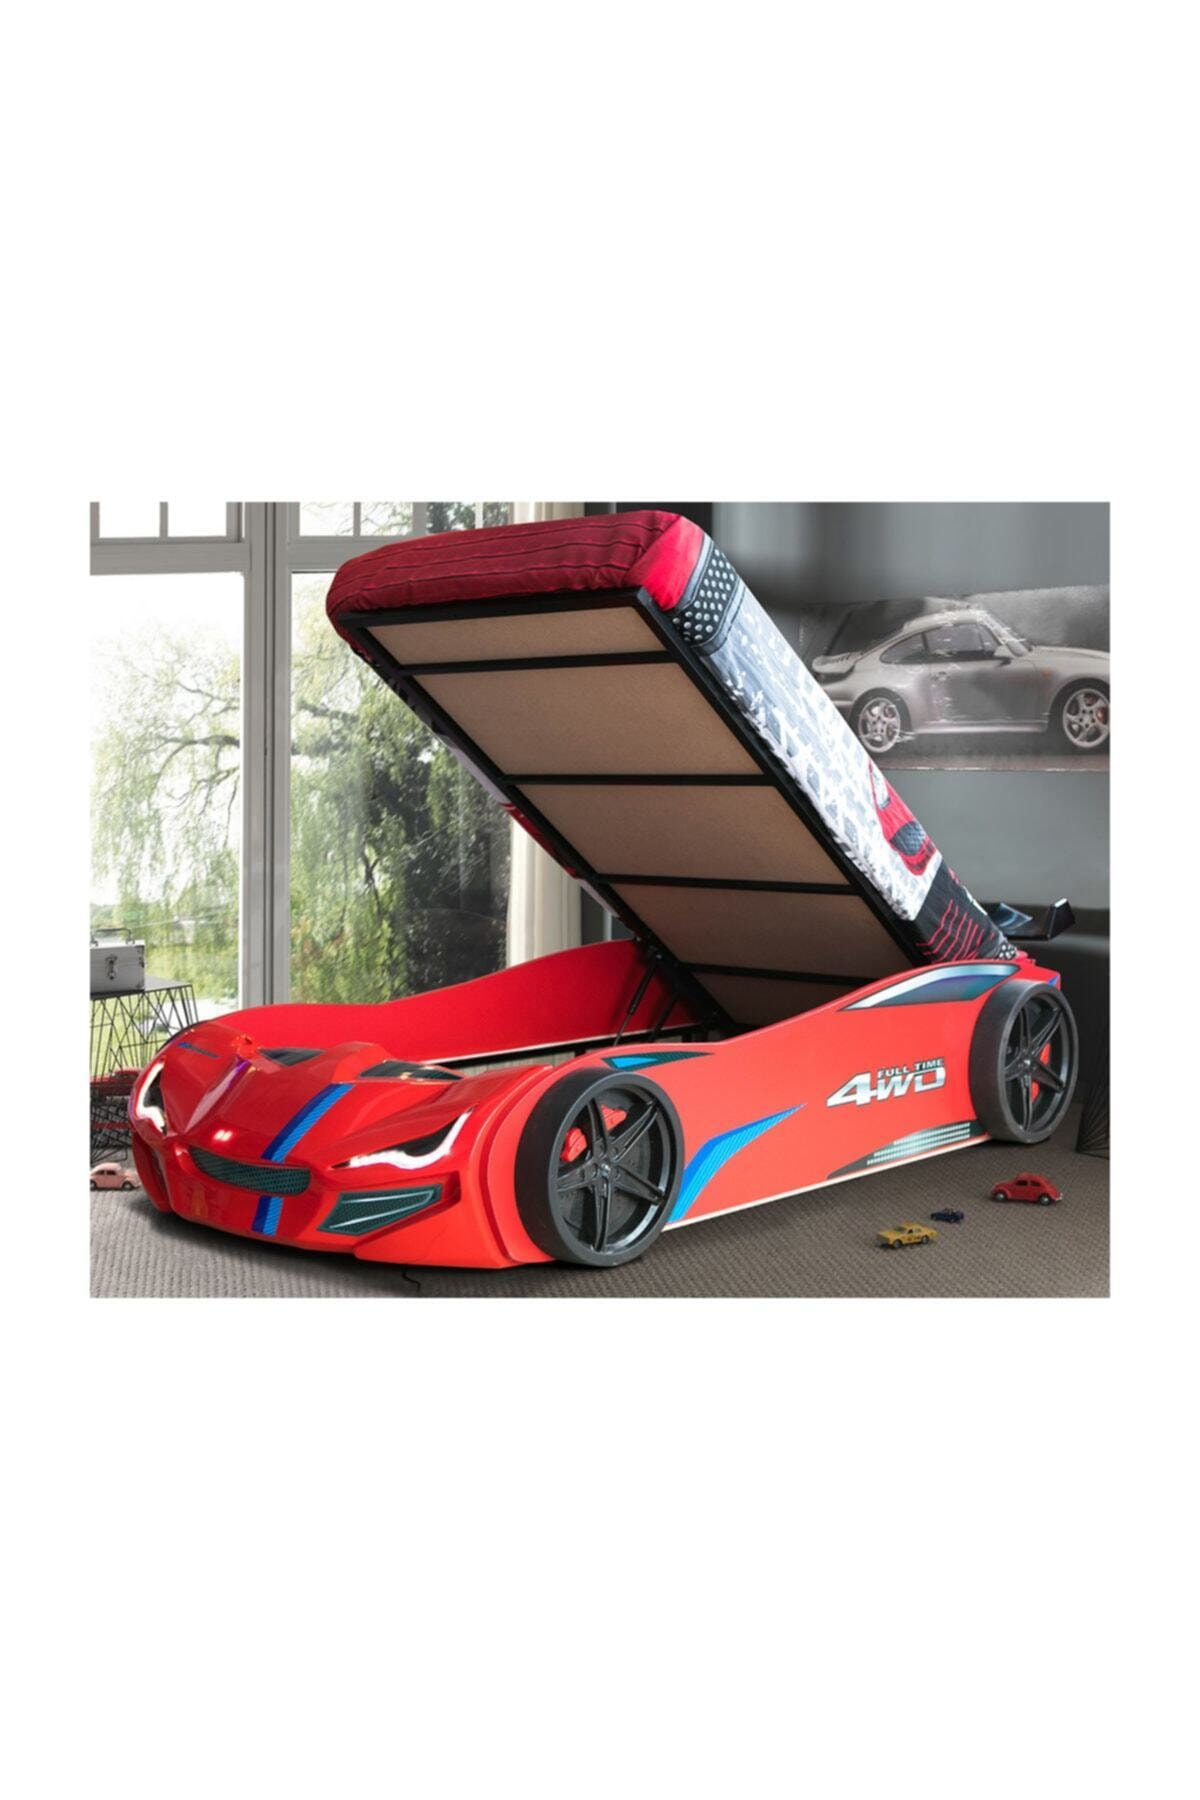 Setay Merso Eko Bazalı Rüzgarlıklı Arabalı Yatak Kırmızı Ortopedik Yatak Nevresim 1